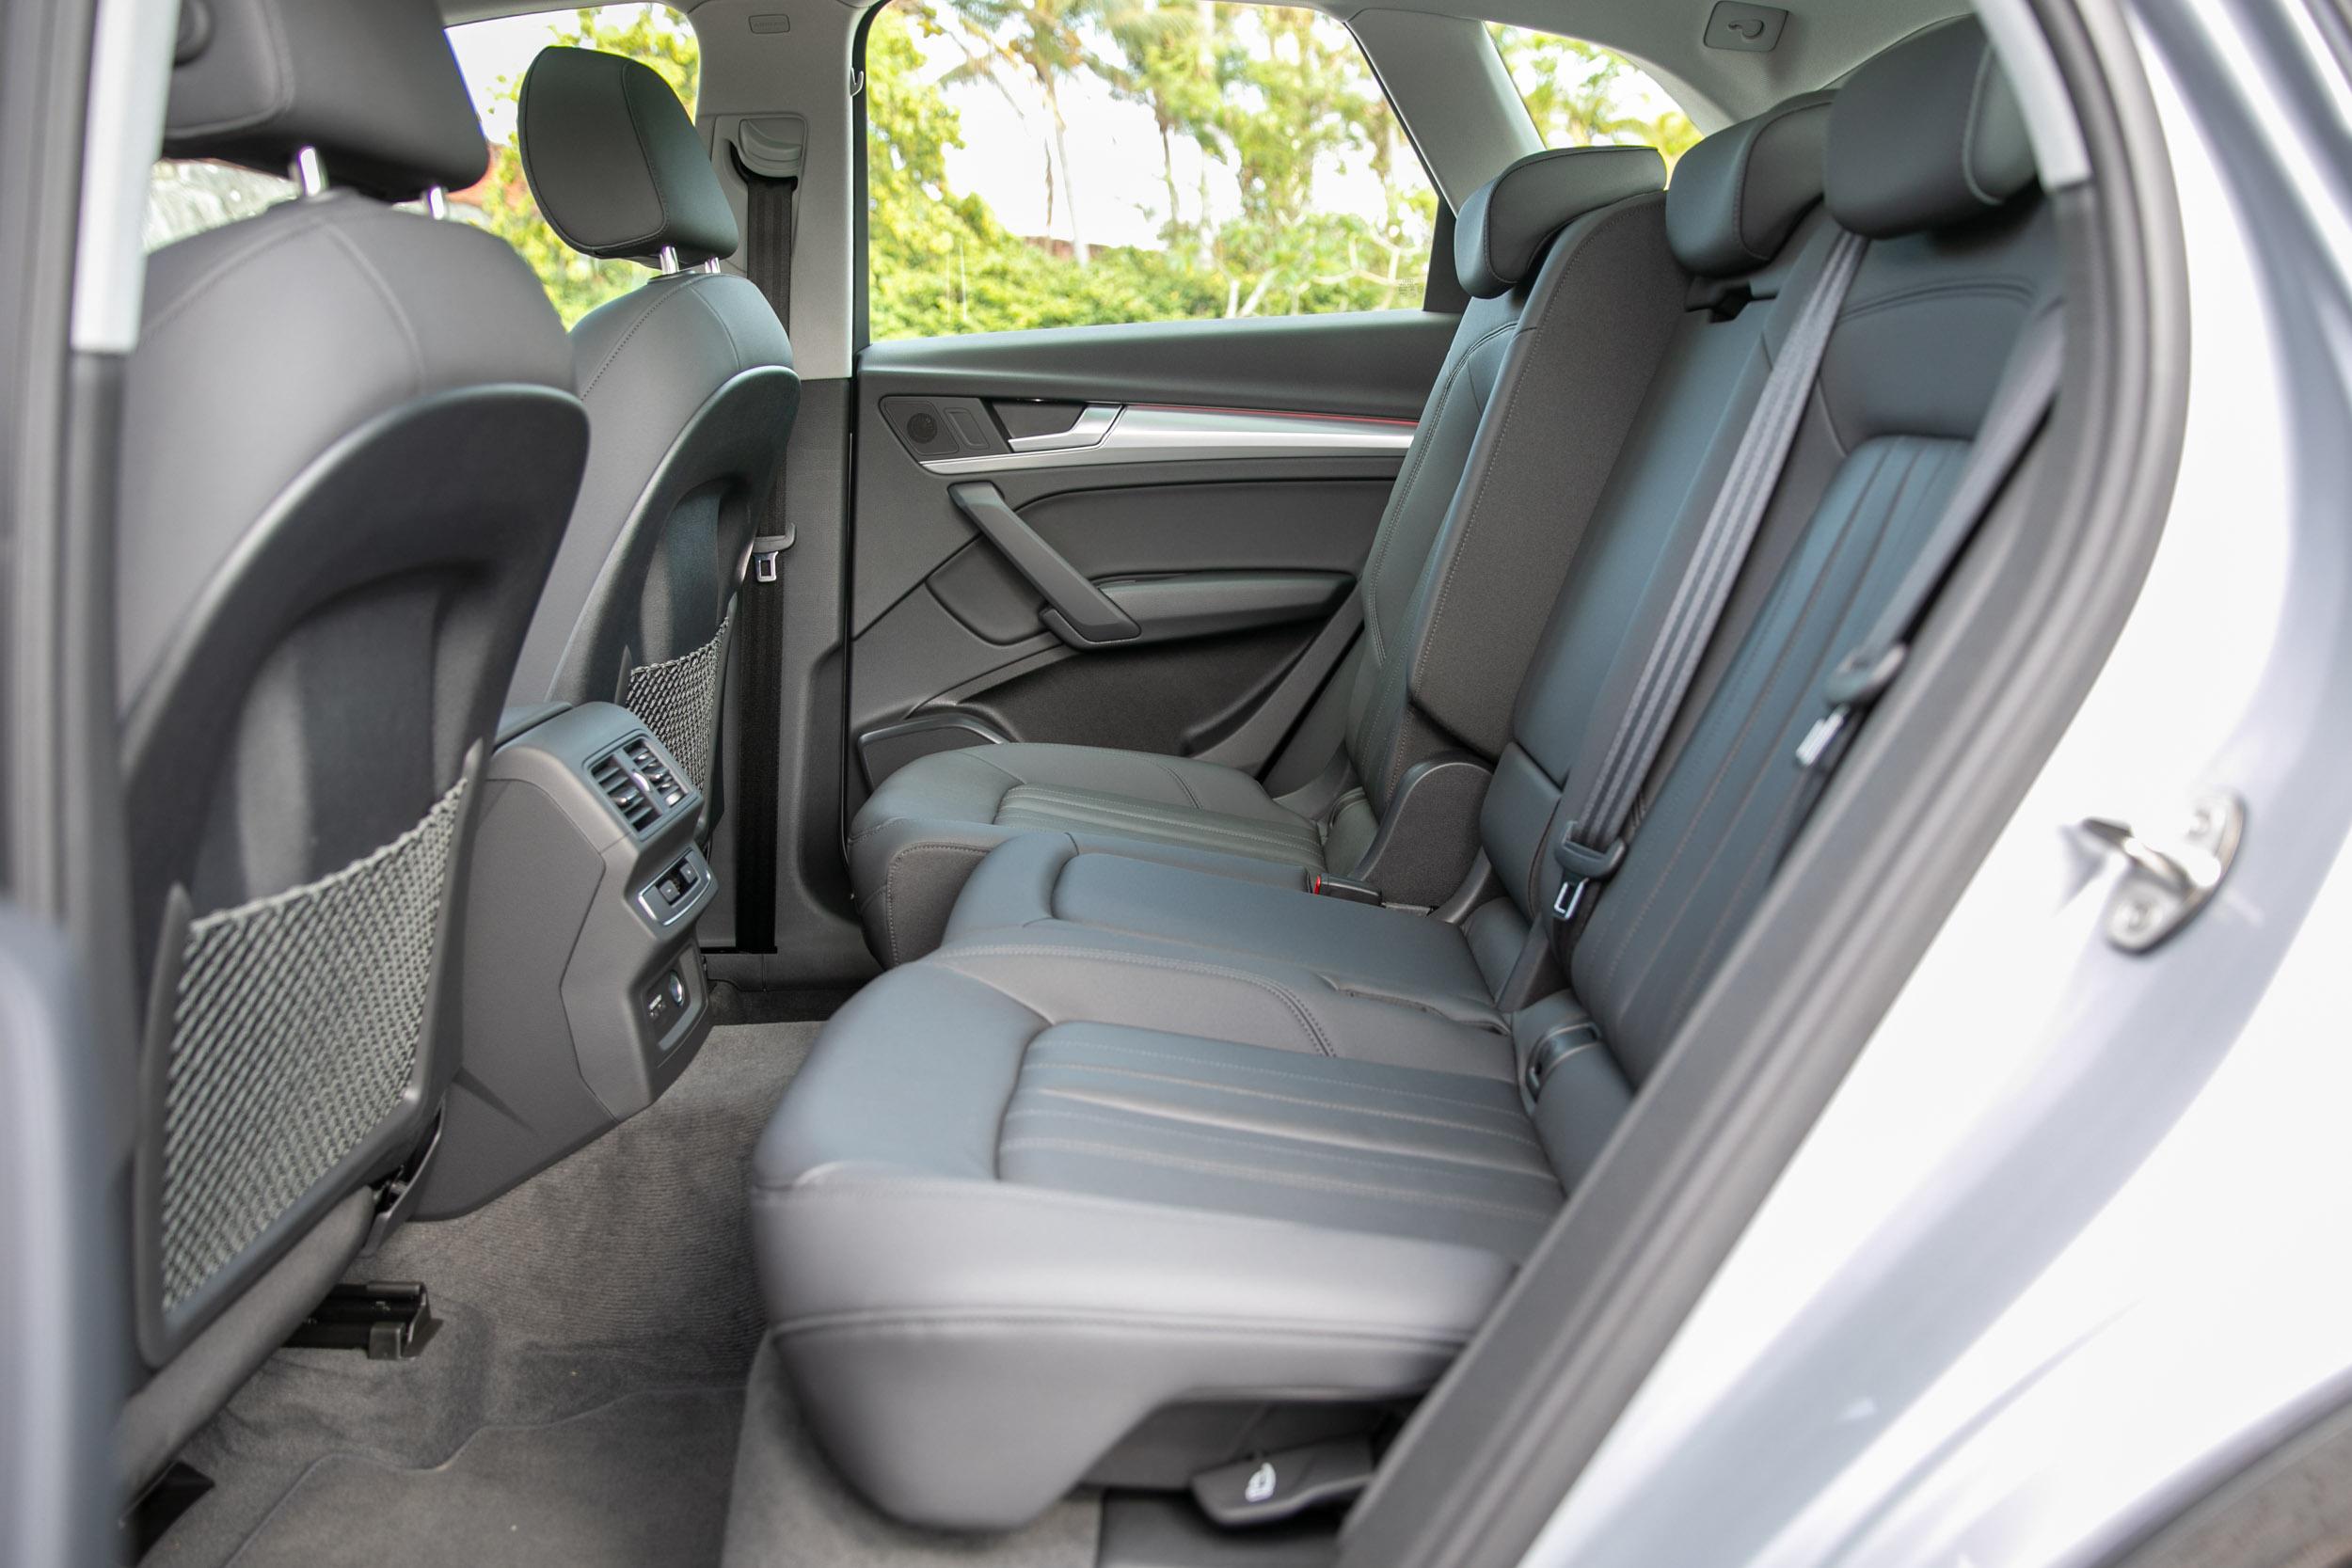 後座具備前後滑移、椅背角度調整等功能。